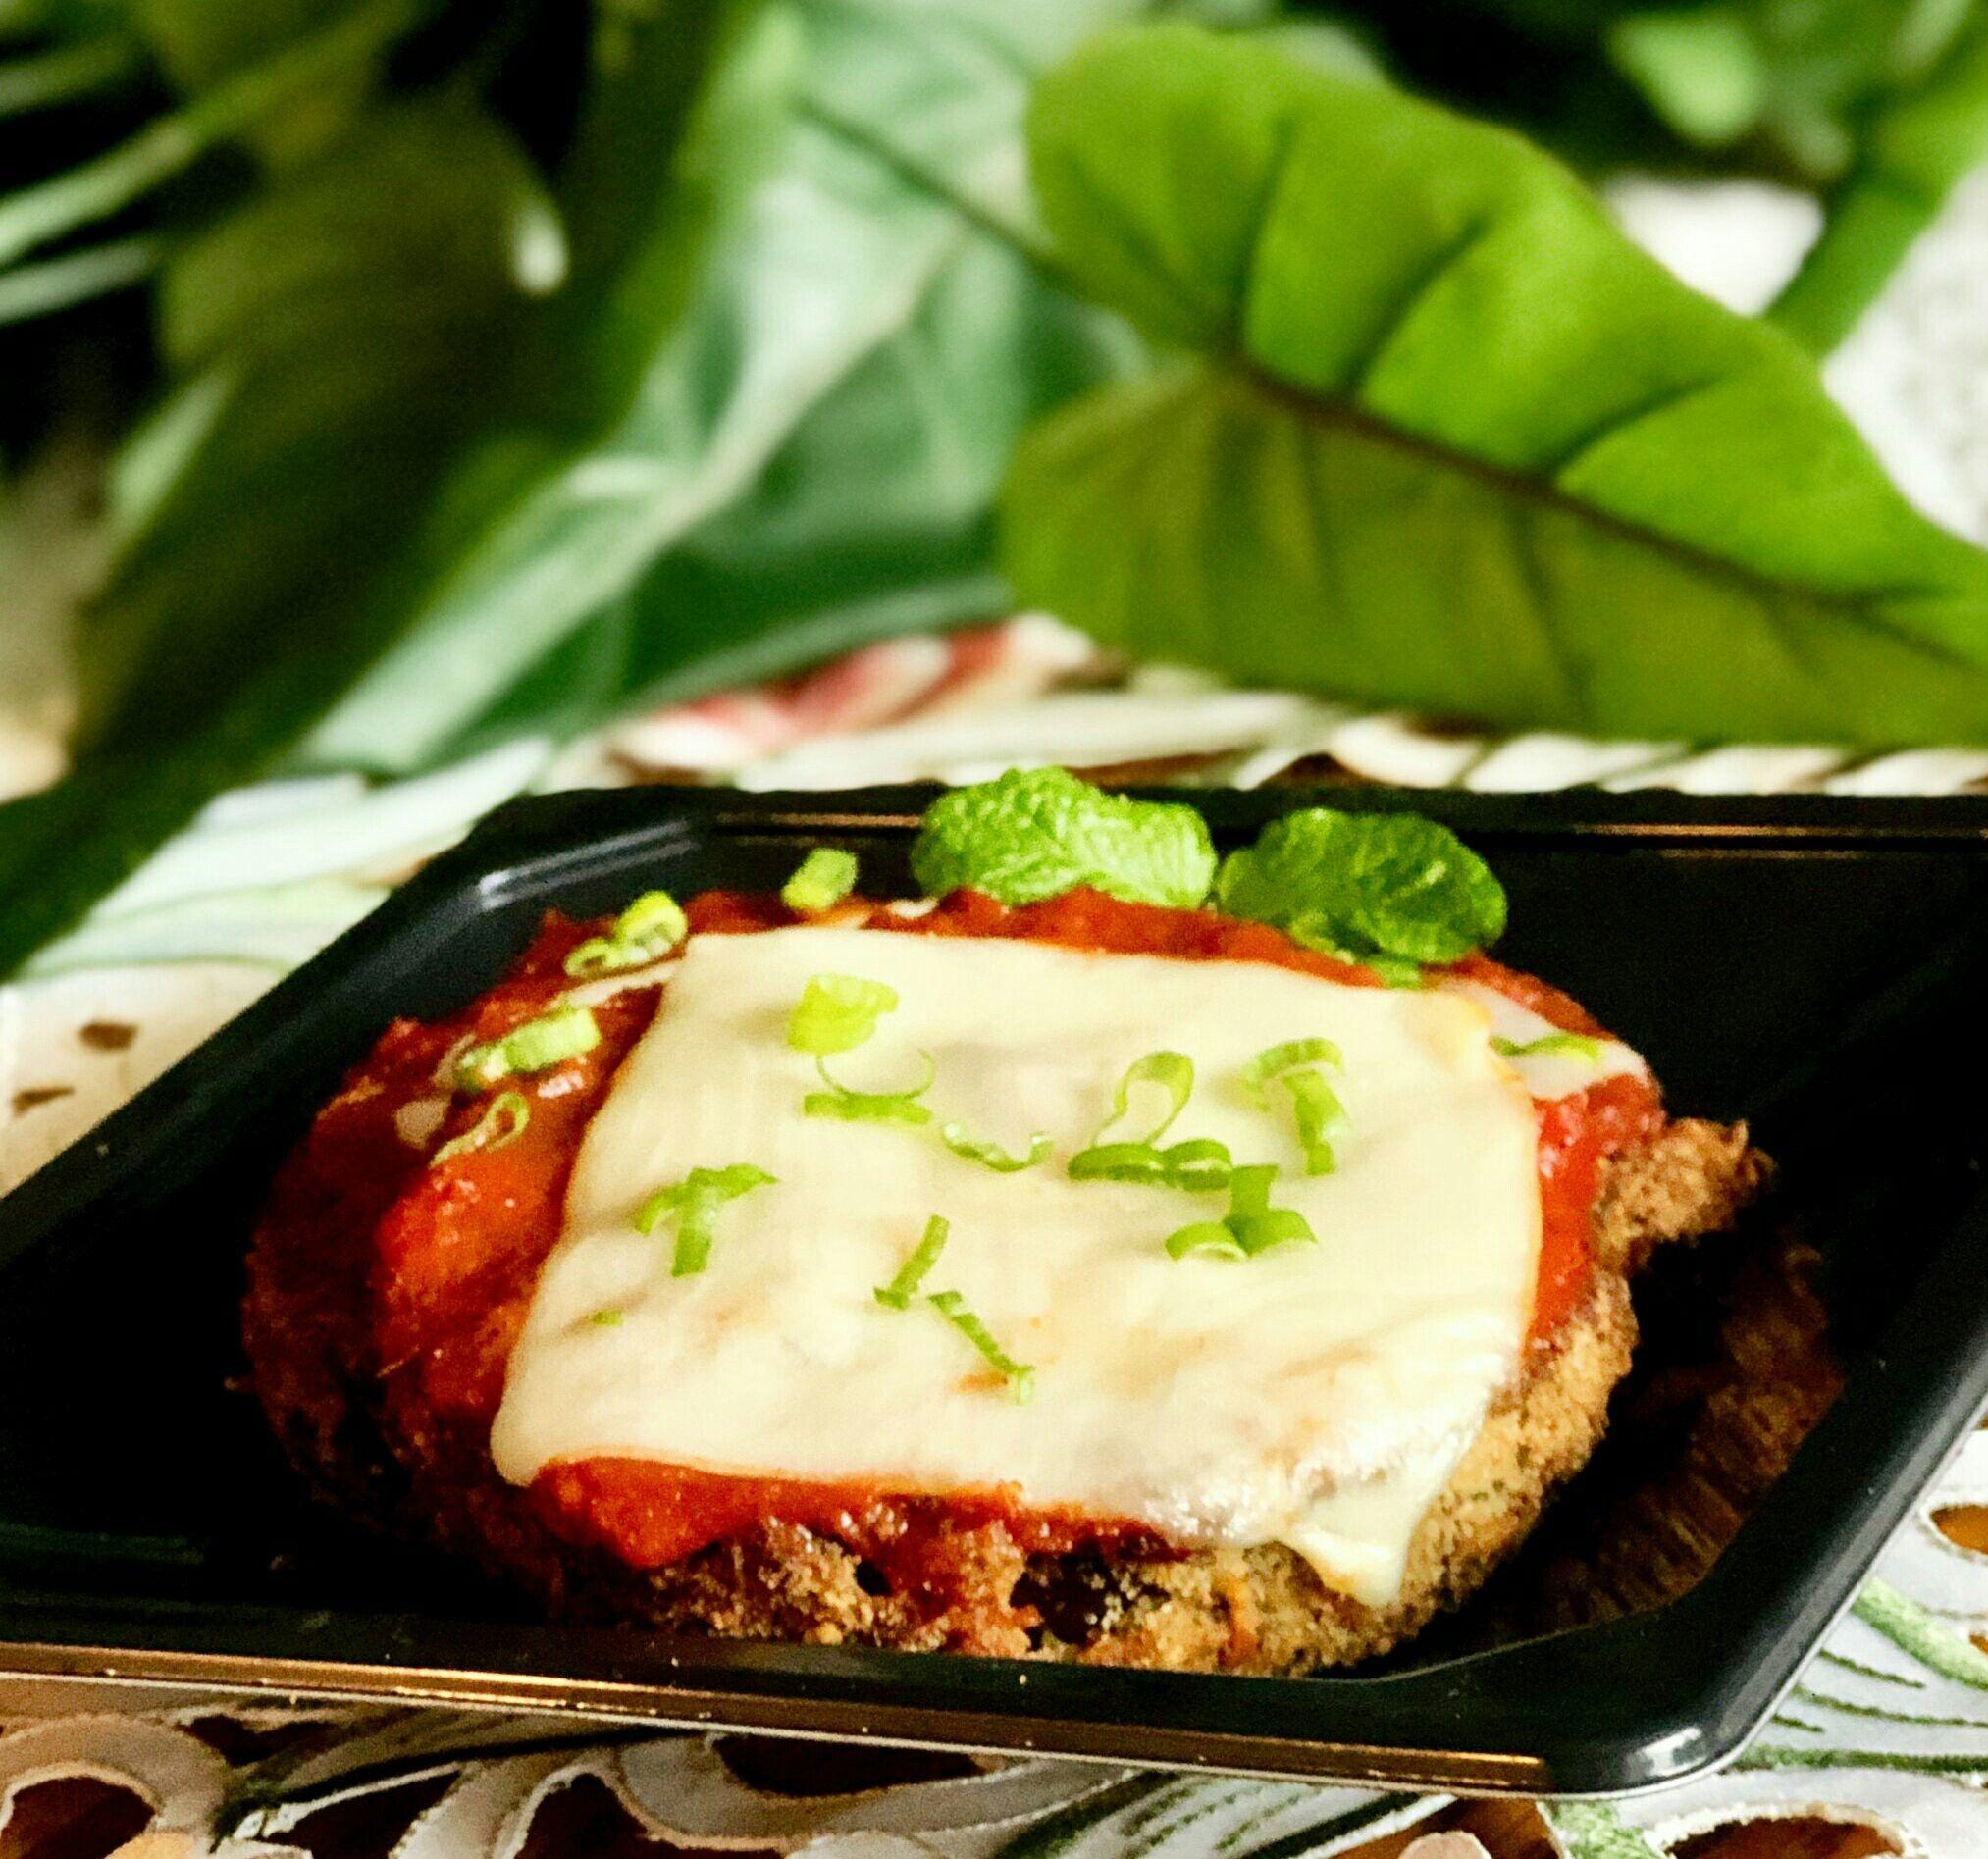 Air Fryer Eggplant Parmesan Recipe Recipes, Eggplant